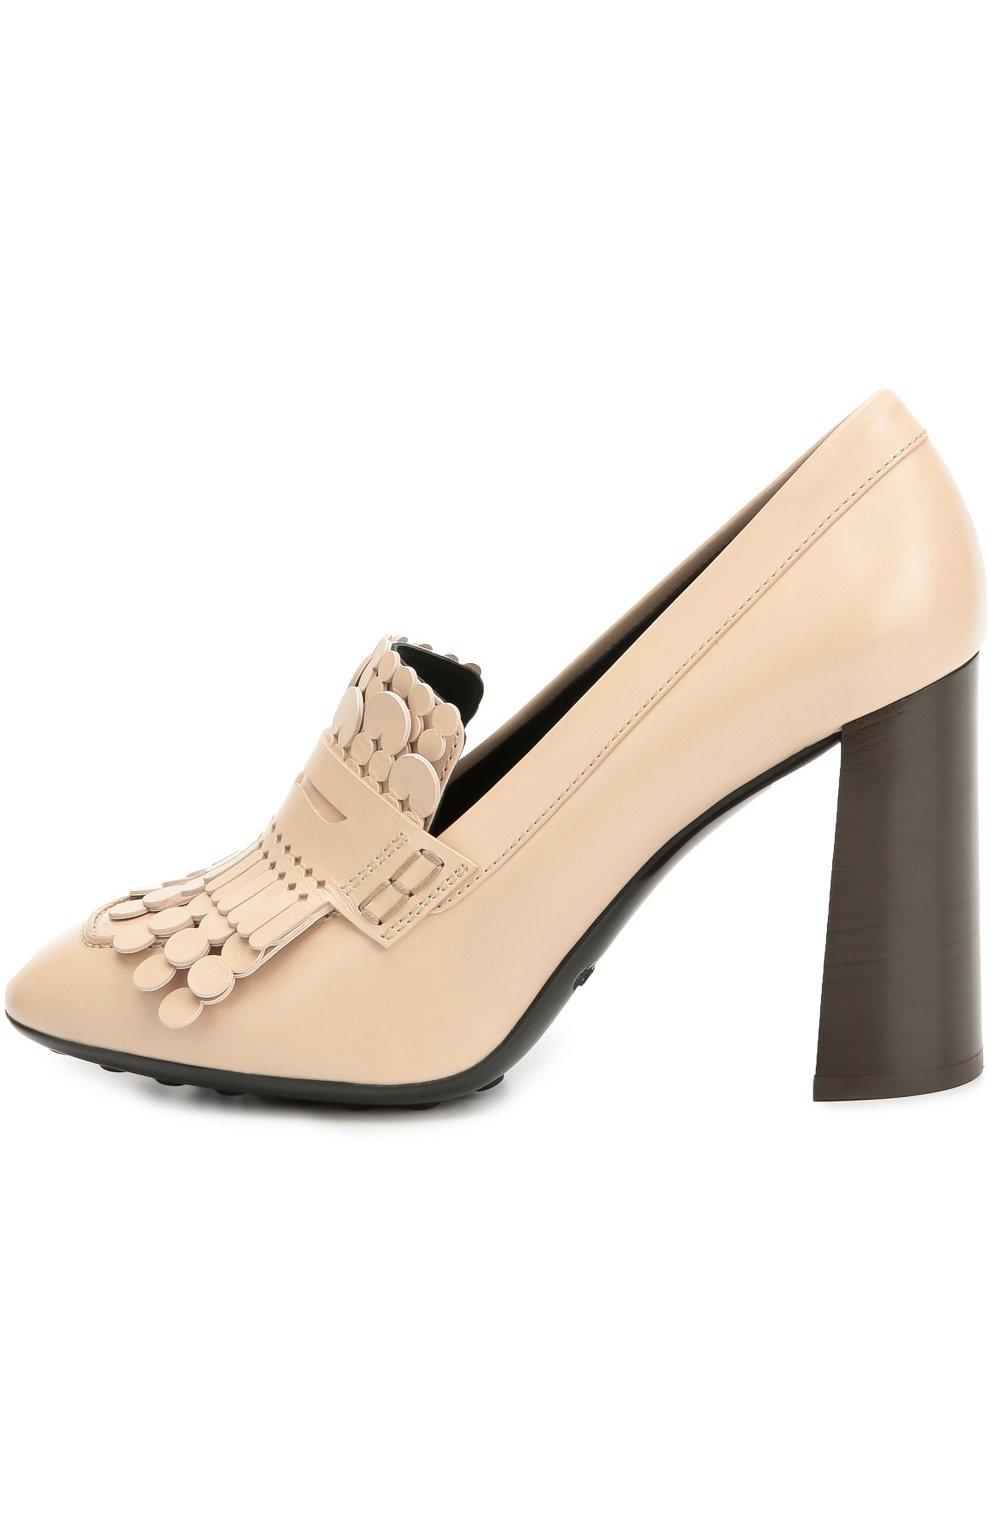 Кожаные туфли Gomma с декором | Фото №1